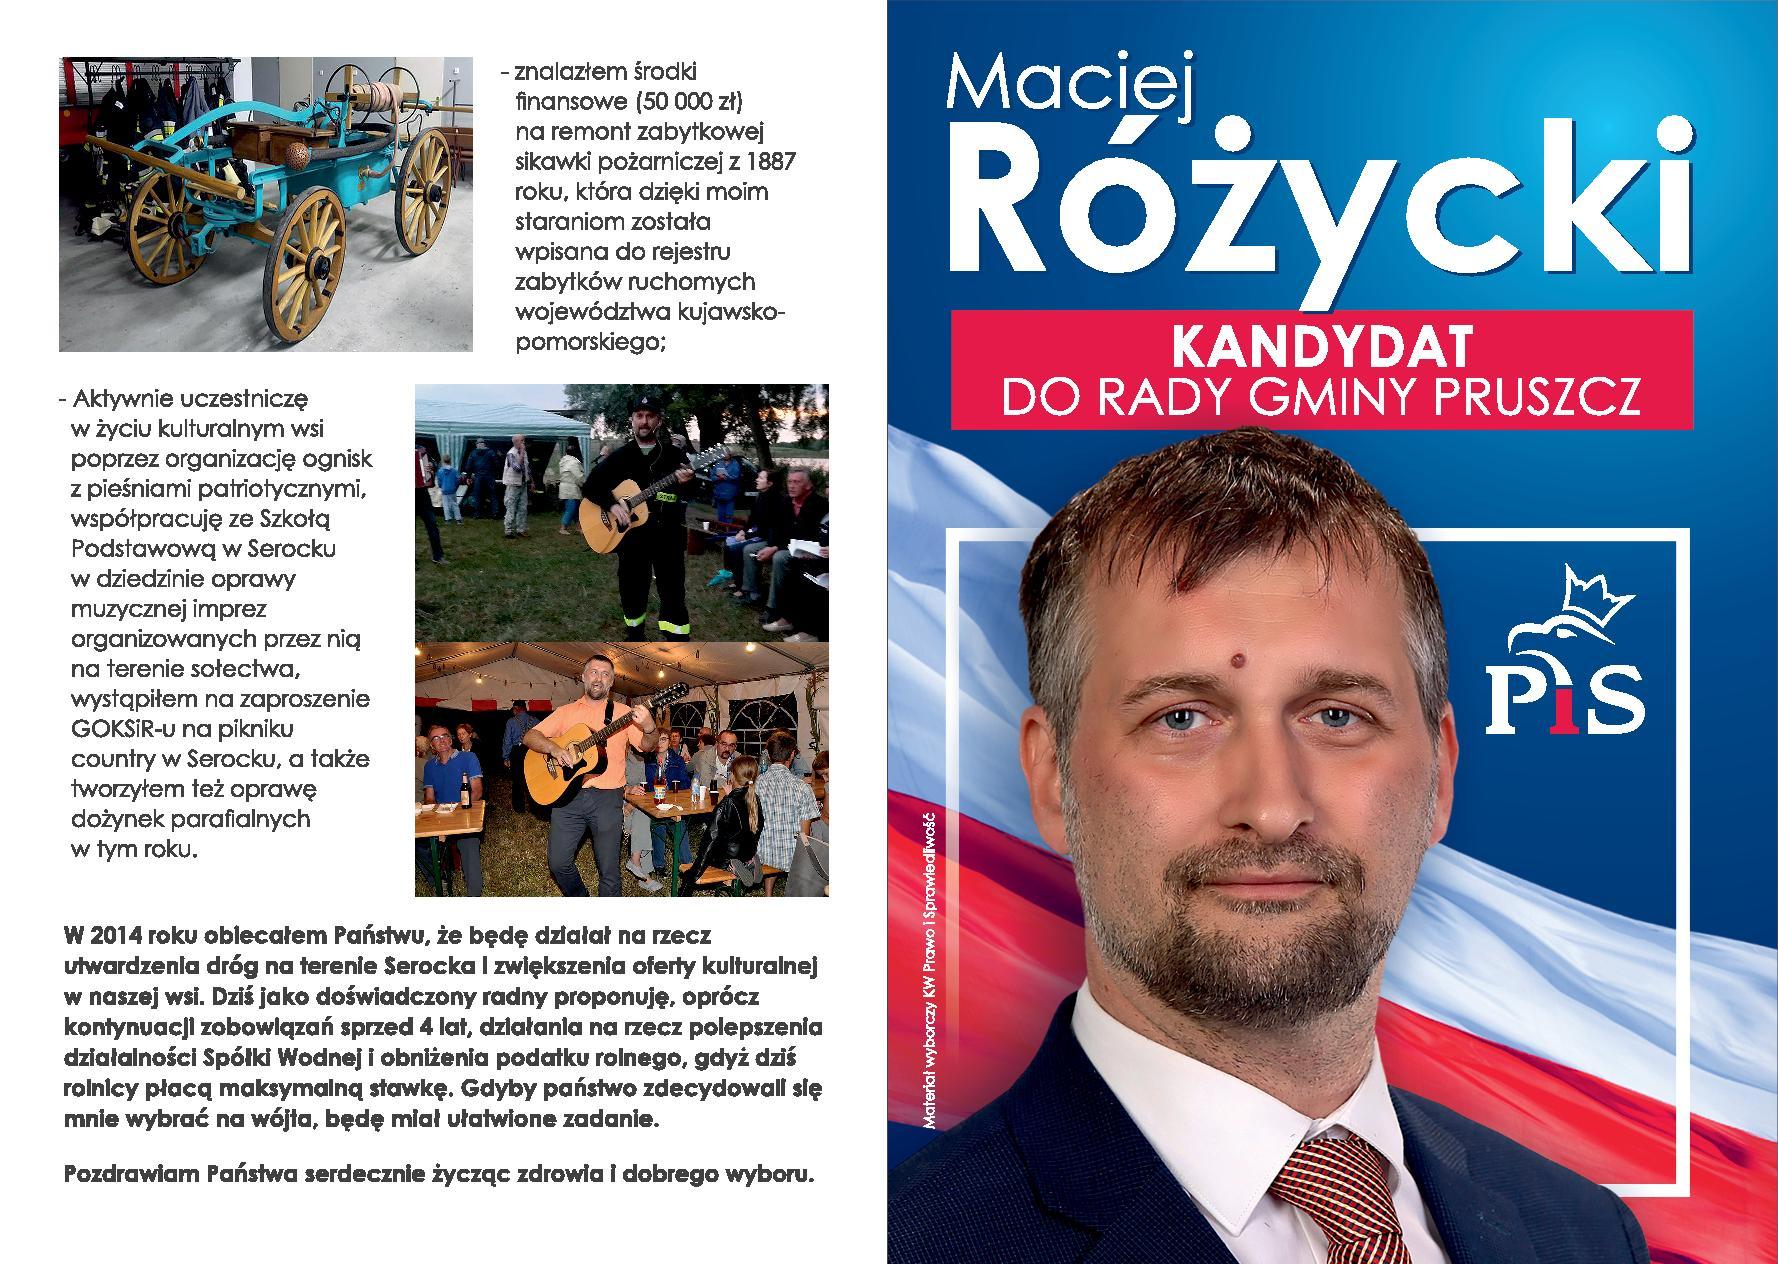 Bydgoszcz - Rozycyki WS2018